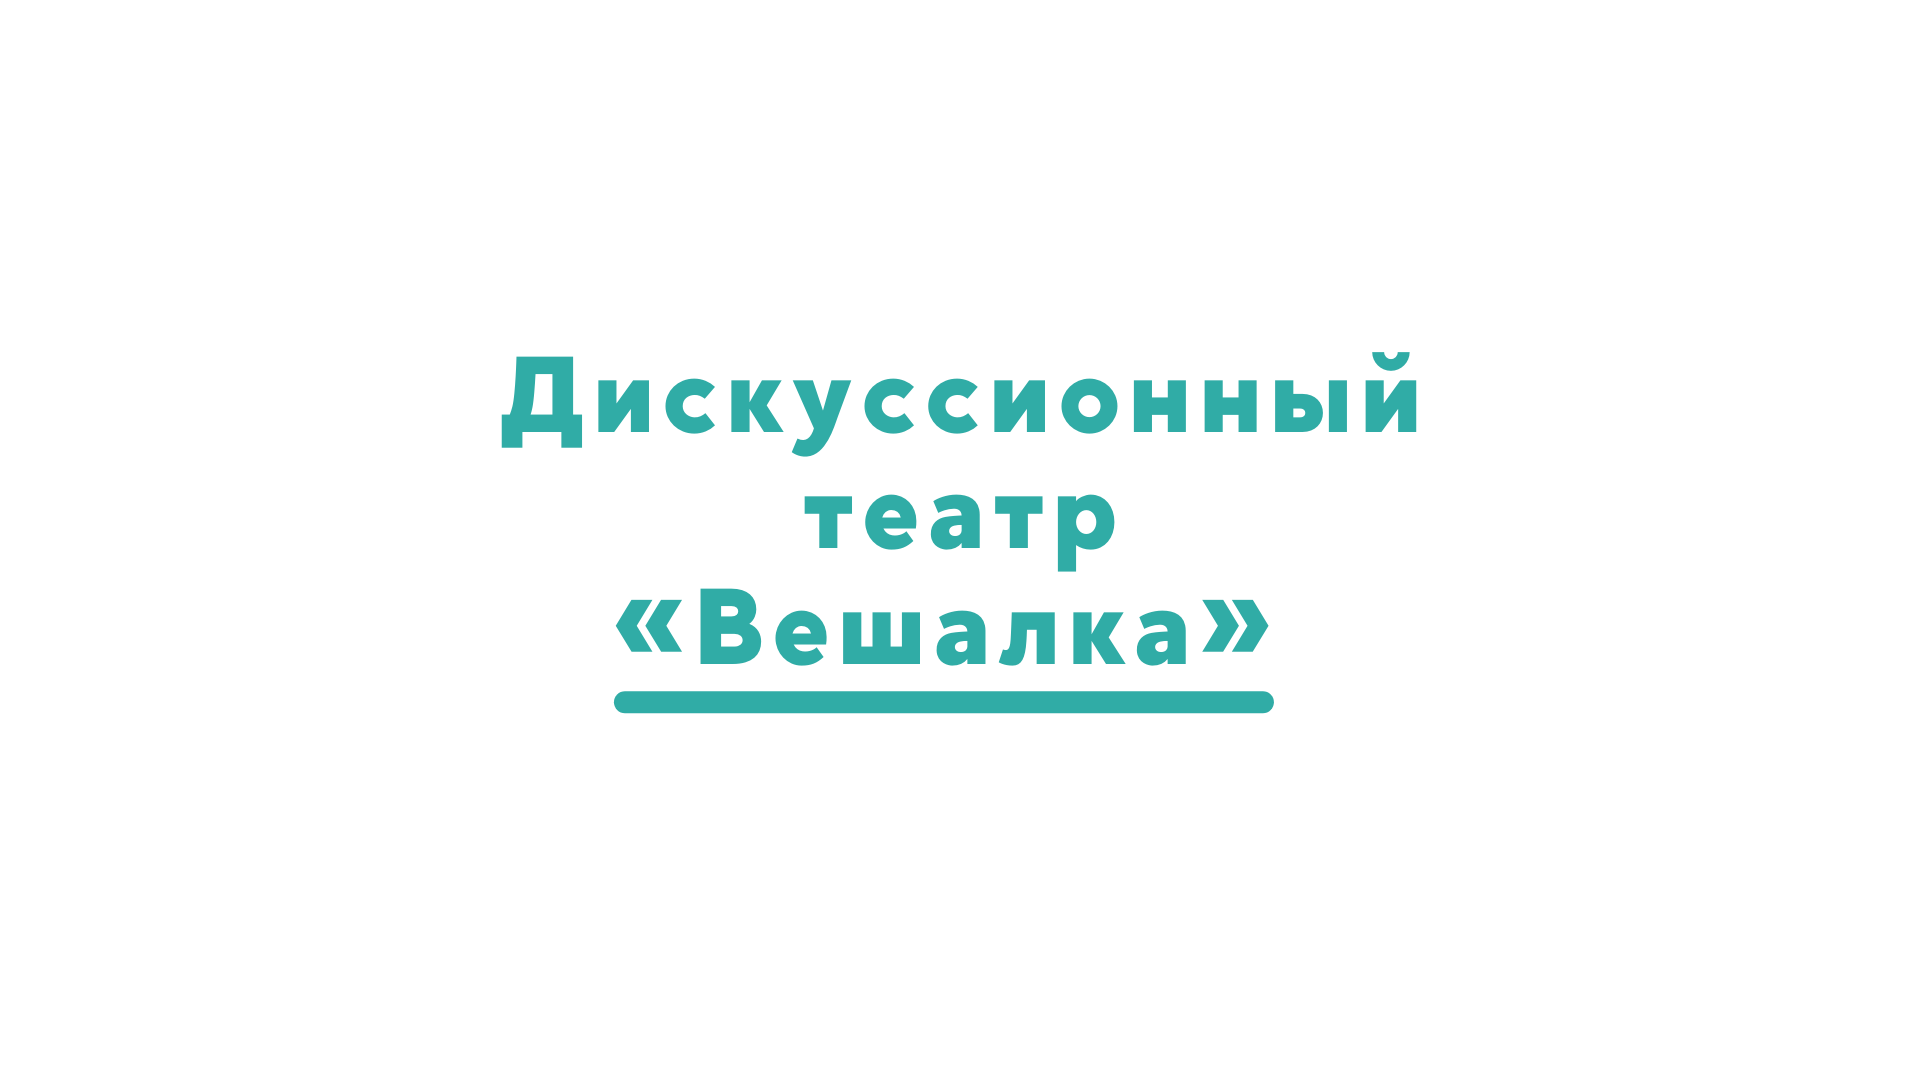 dt-ceshalka-1-.png